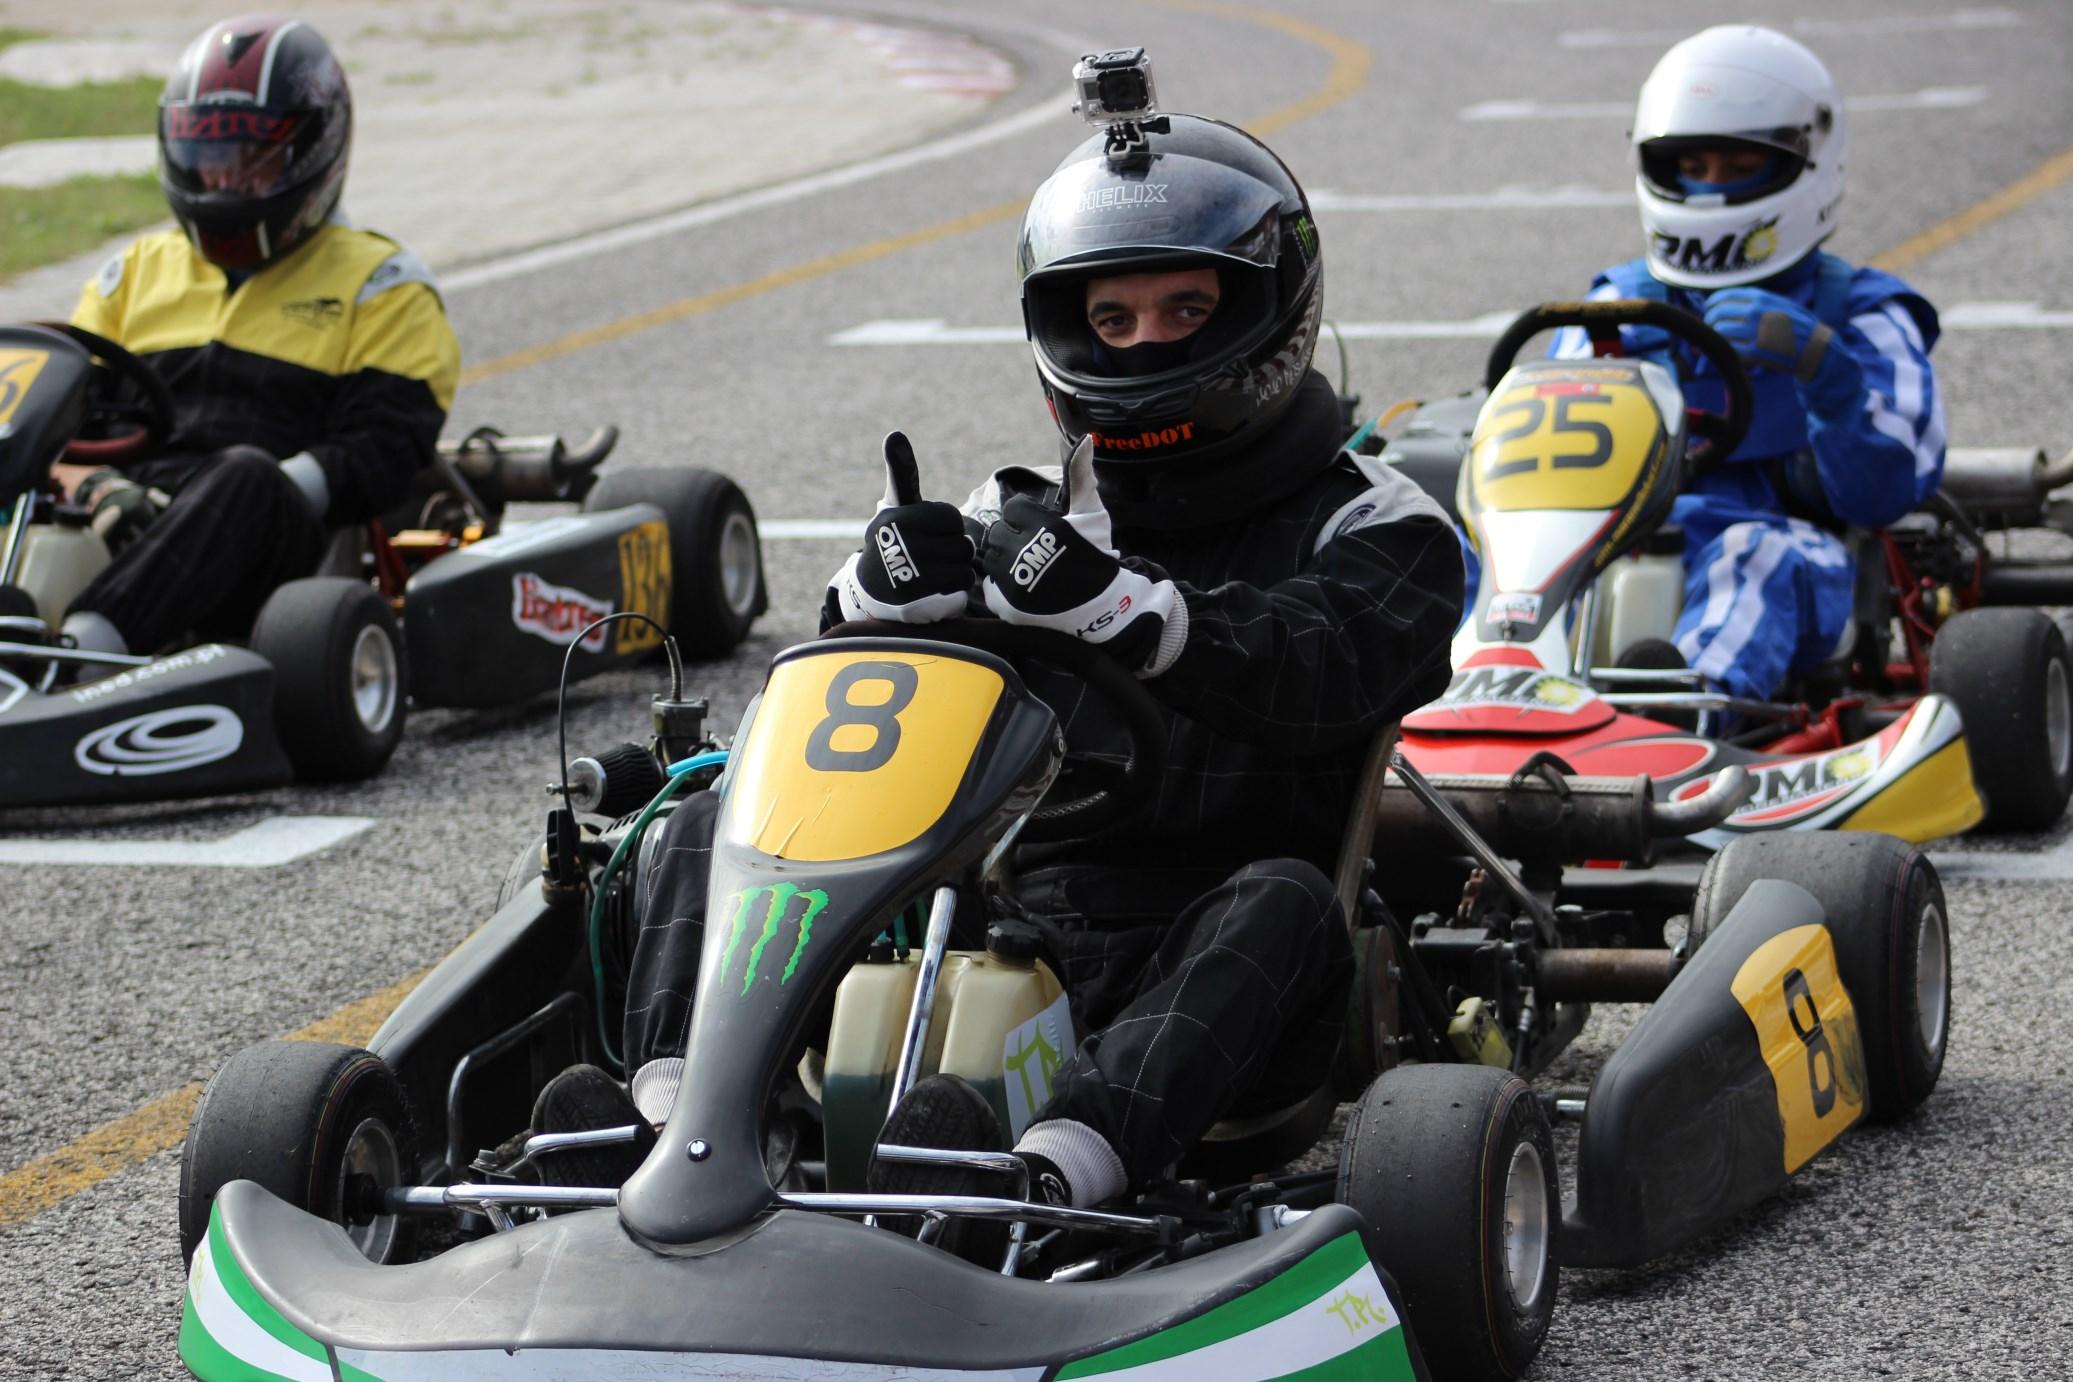 Troféu Honda 2014 - 4ª Prova196